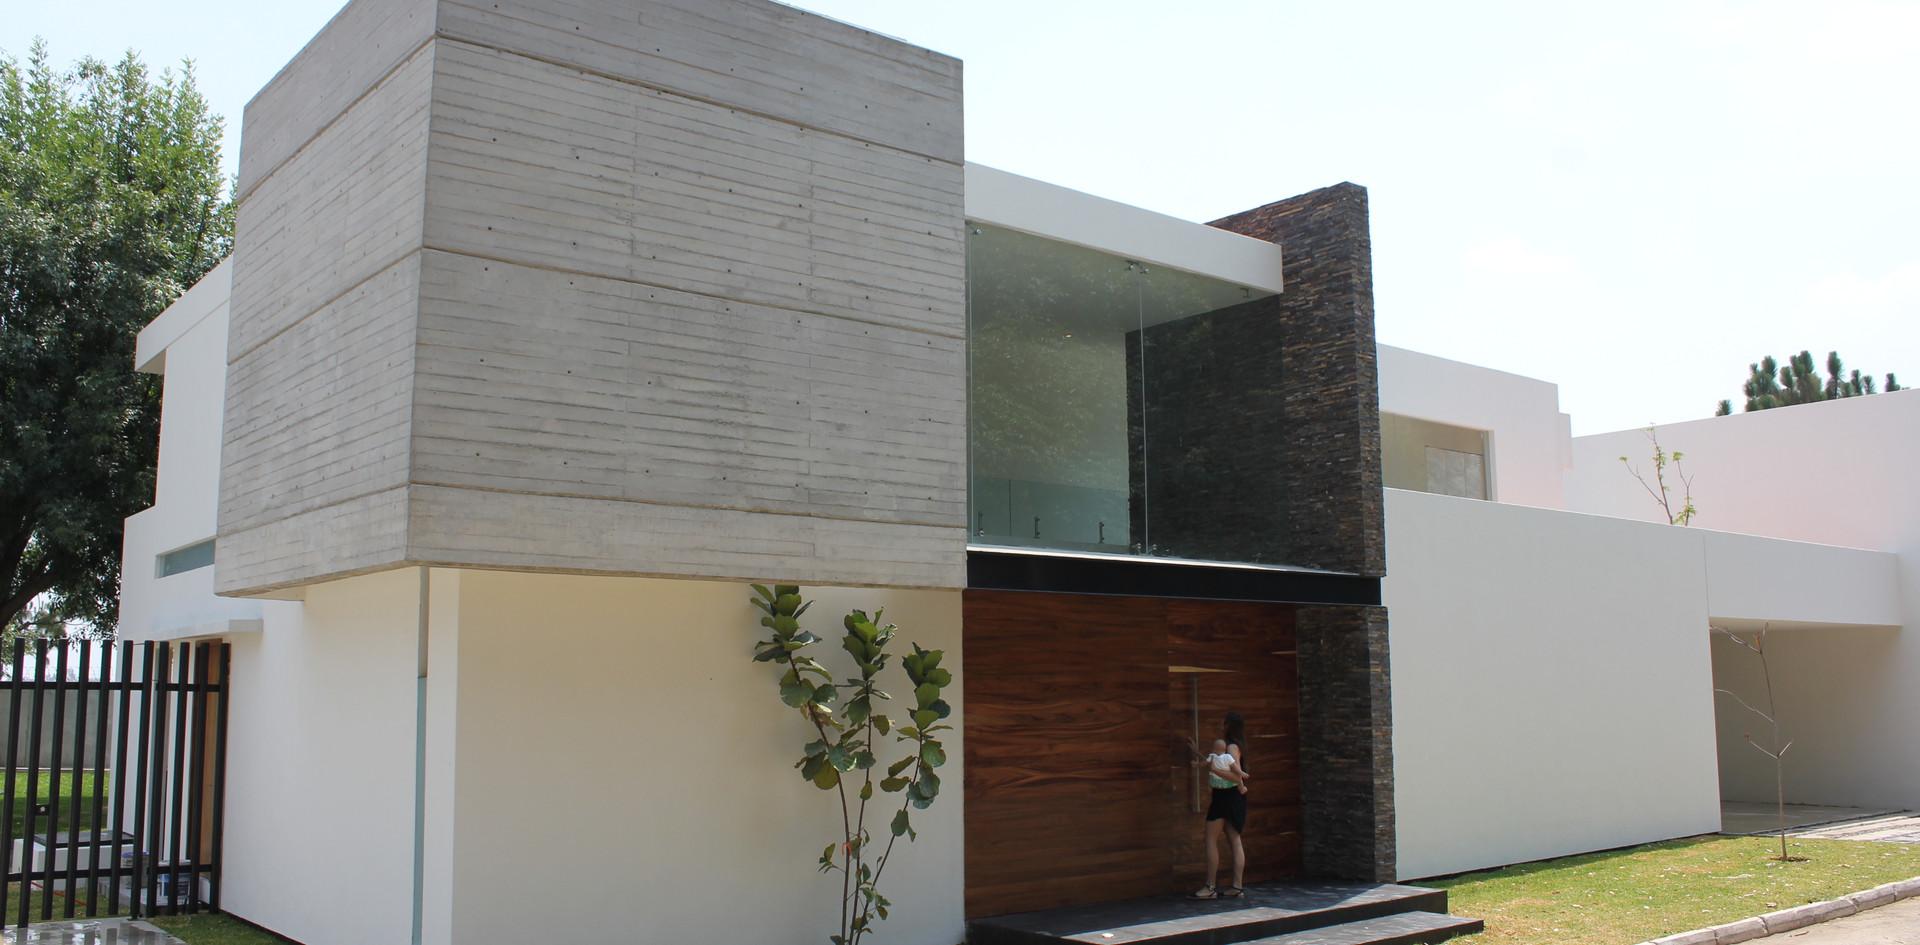 Hipico fachada